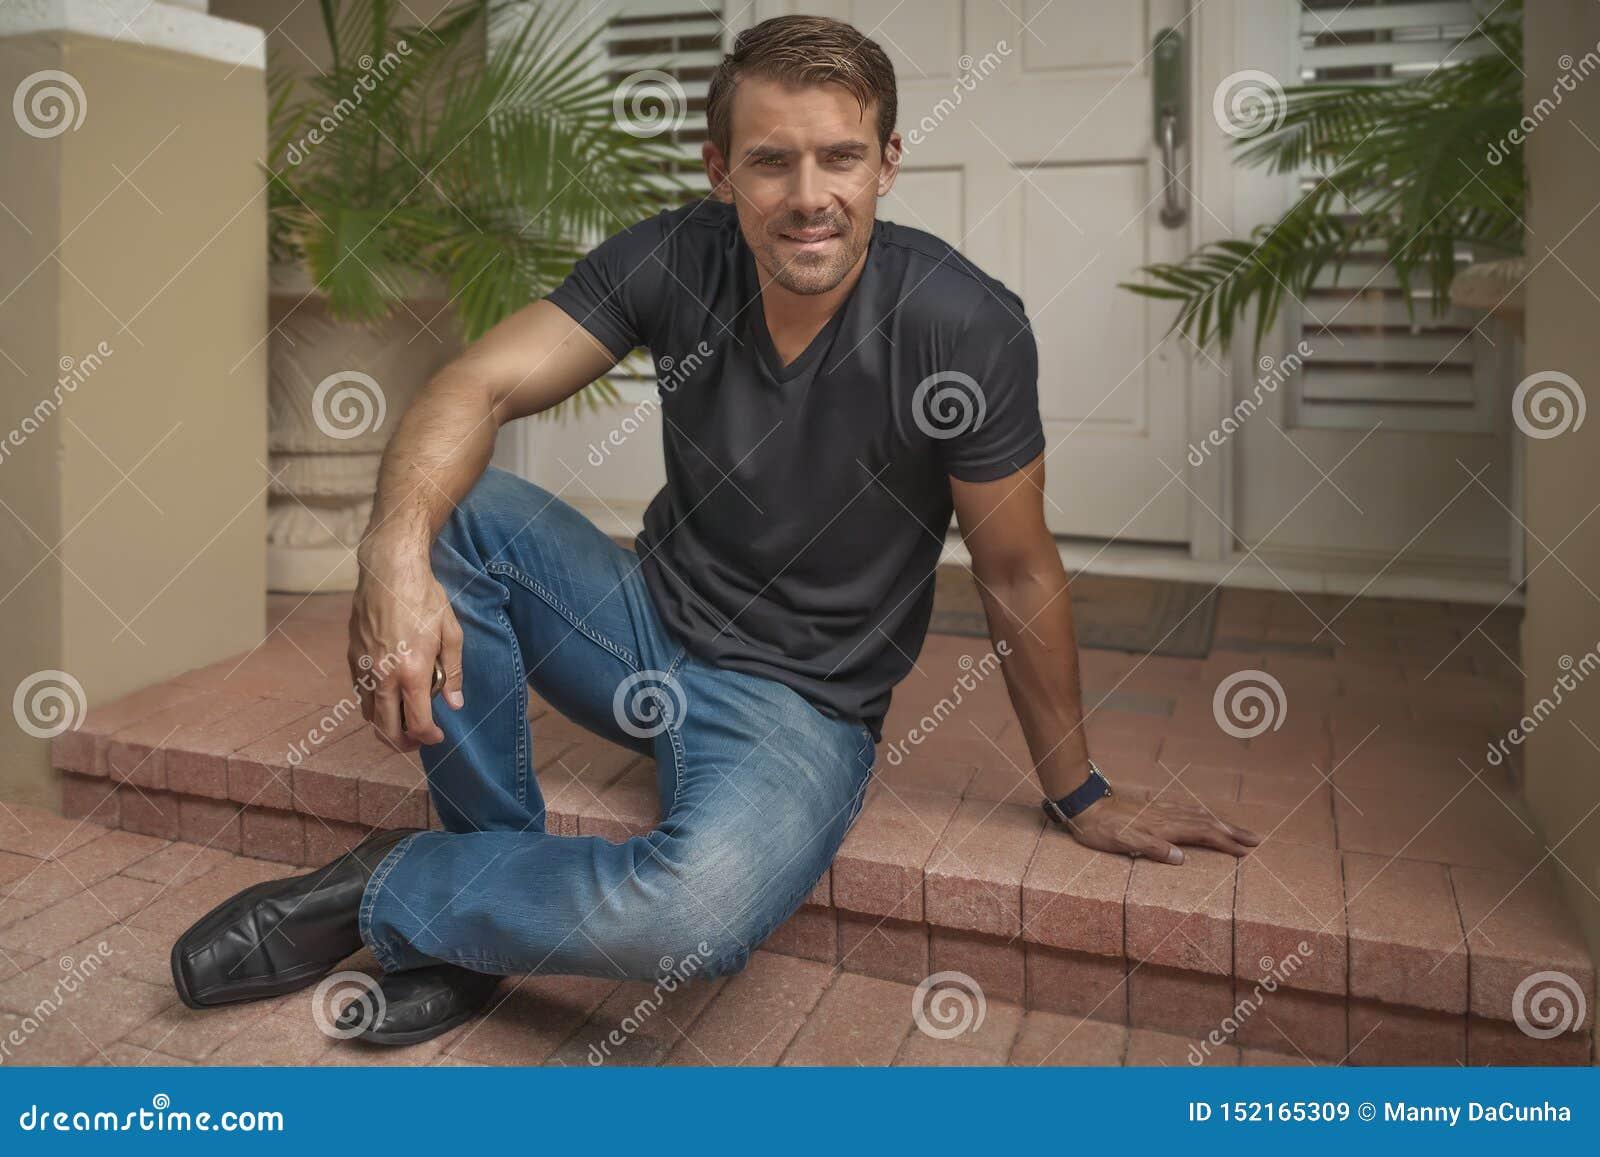 Der gut aussehende Mann stellt zufällig auf die Eingangsterrasse ein